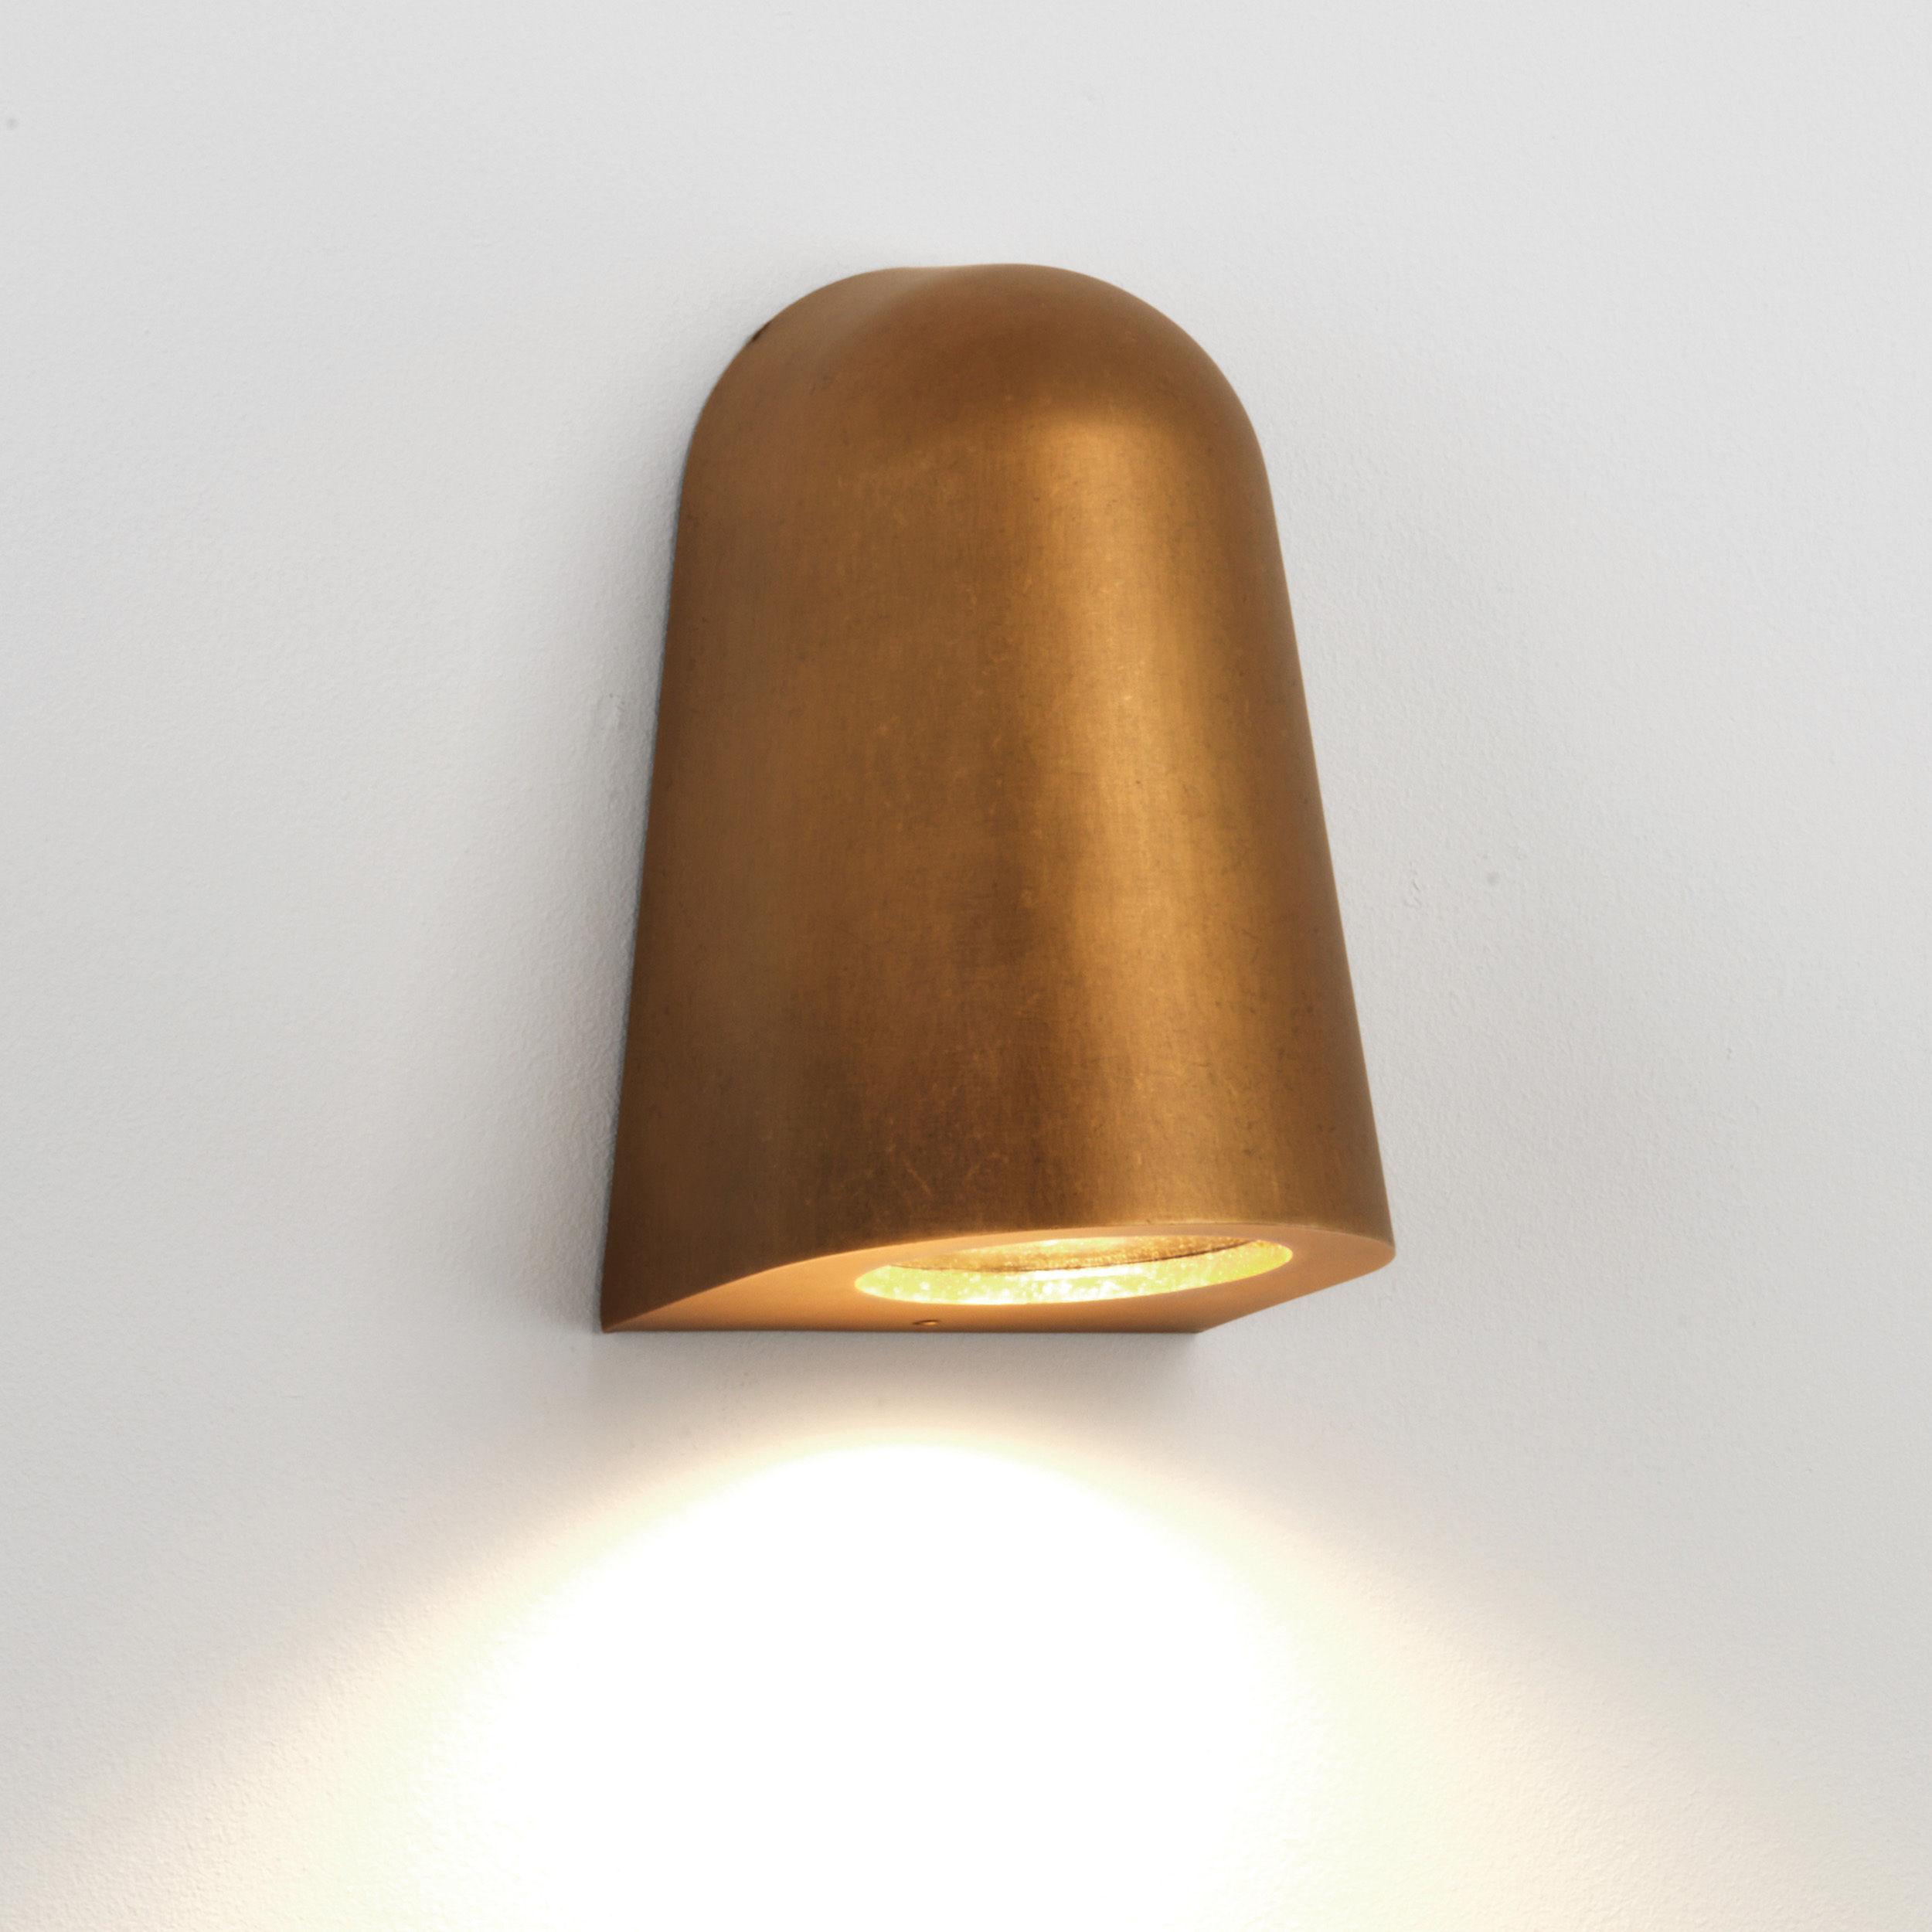 Luminaire - Appliques - Applique Mast Light / Métal - Astro Lighting - Laiton vieilli - Aluminium